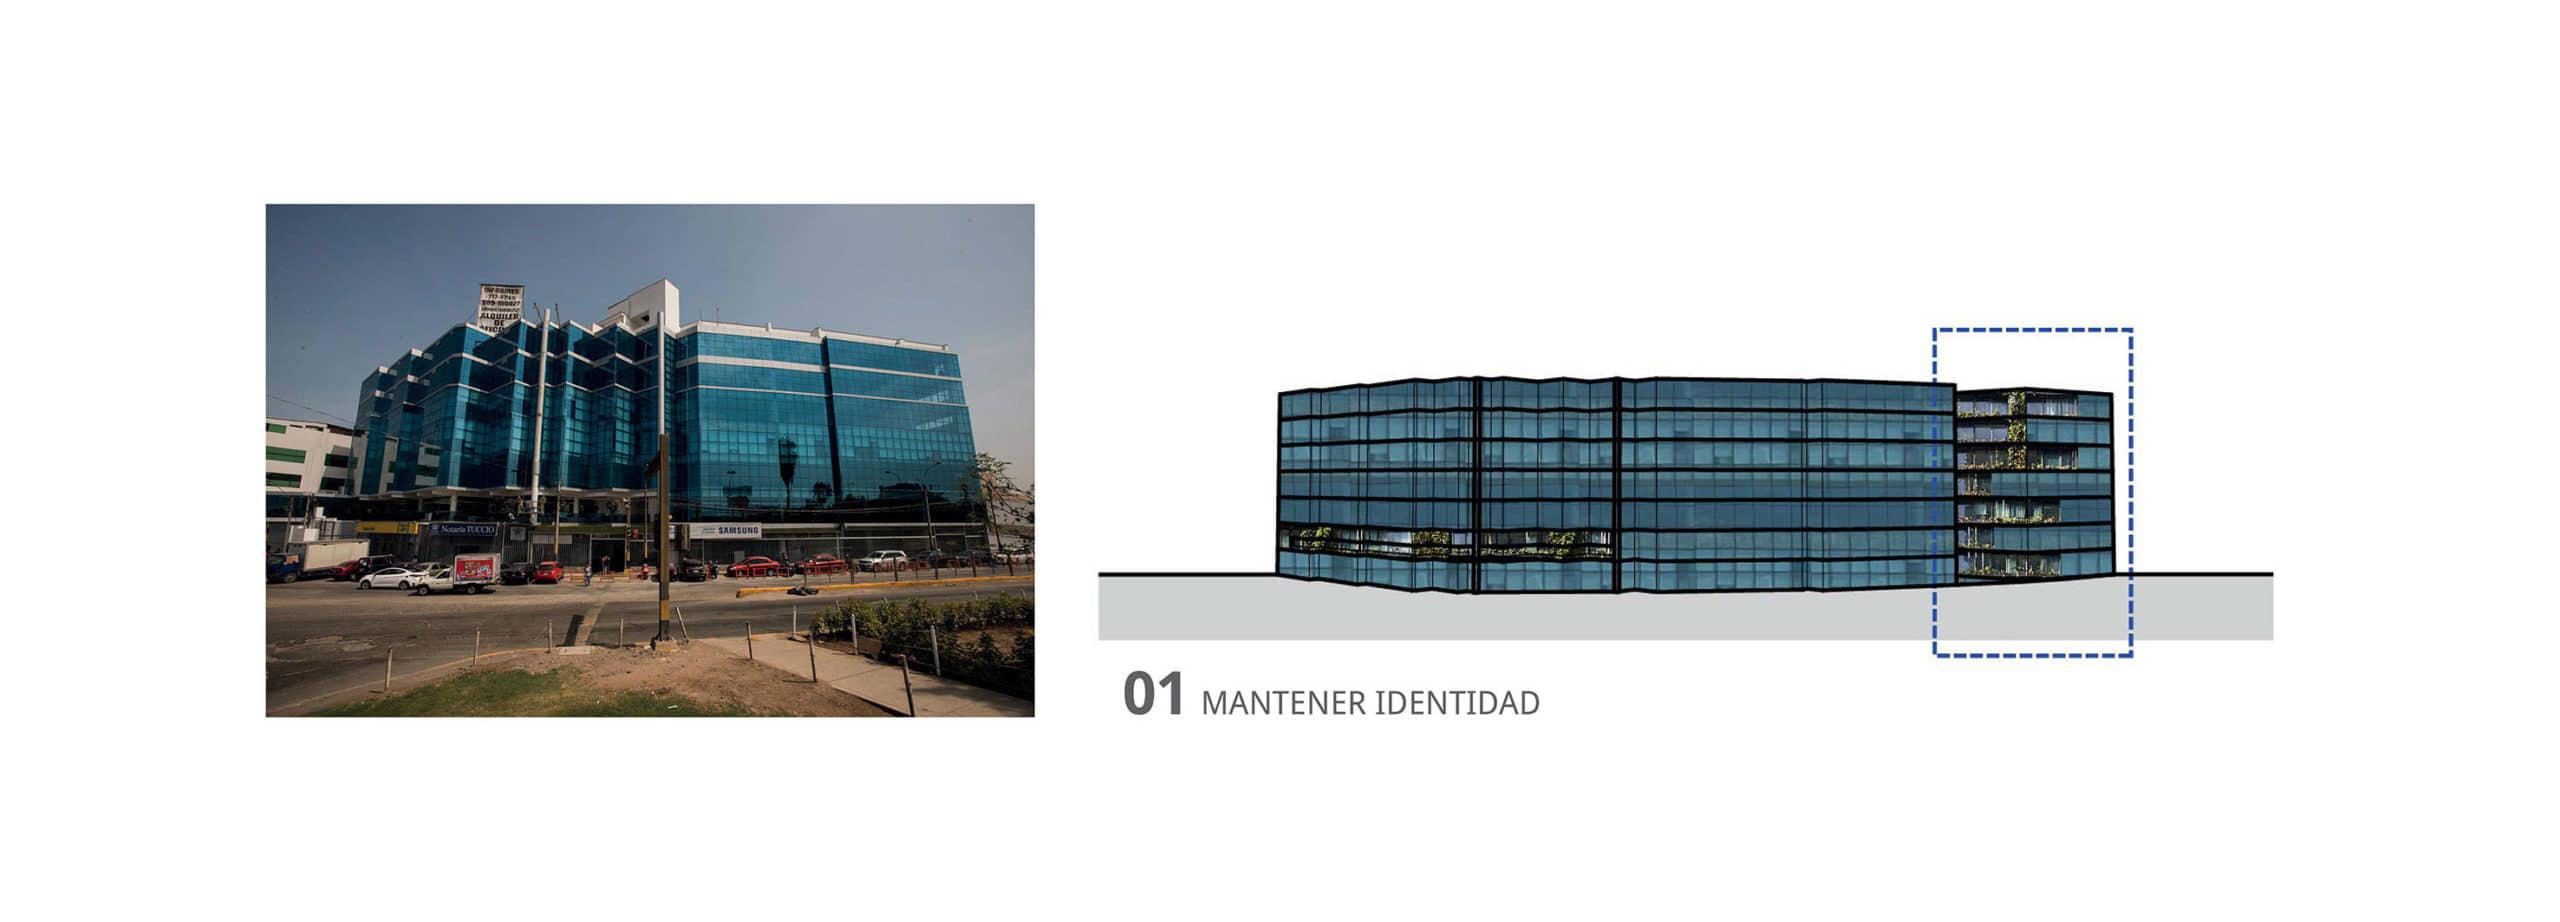 alt=imagen de la identidad del edificio de oficinas